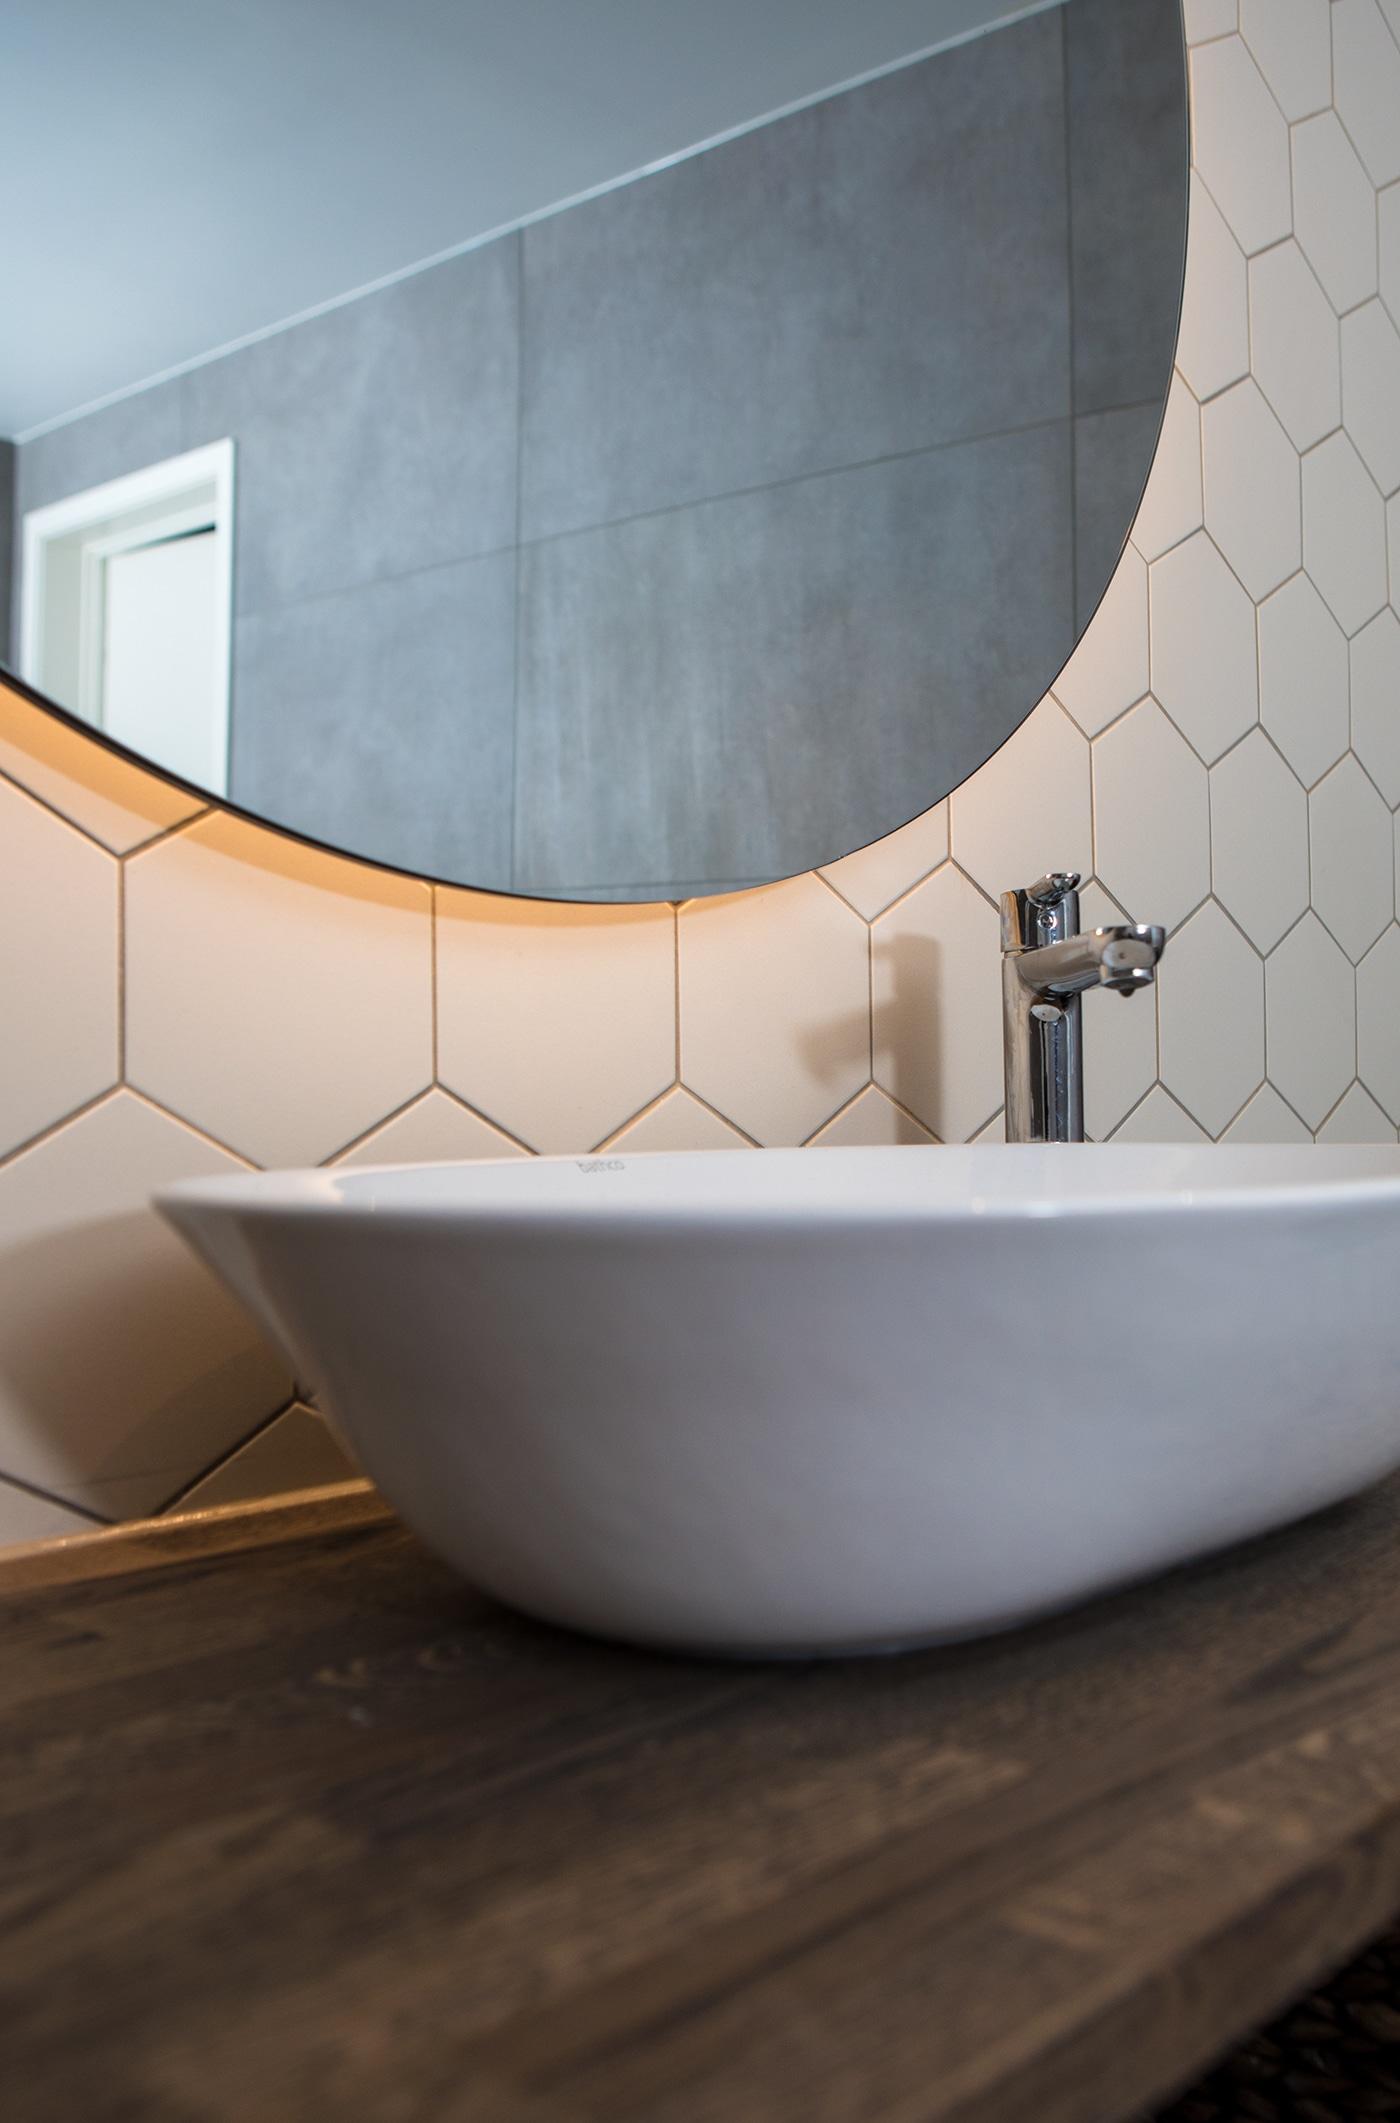 Detaljbilde fra bad med sekskantede fliser og rundt speil